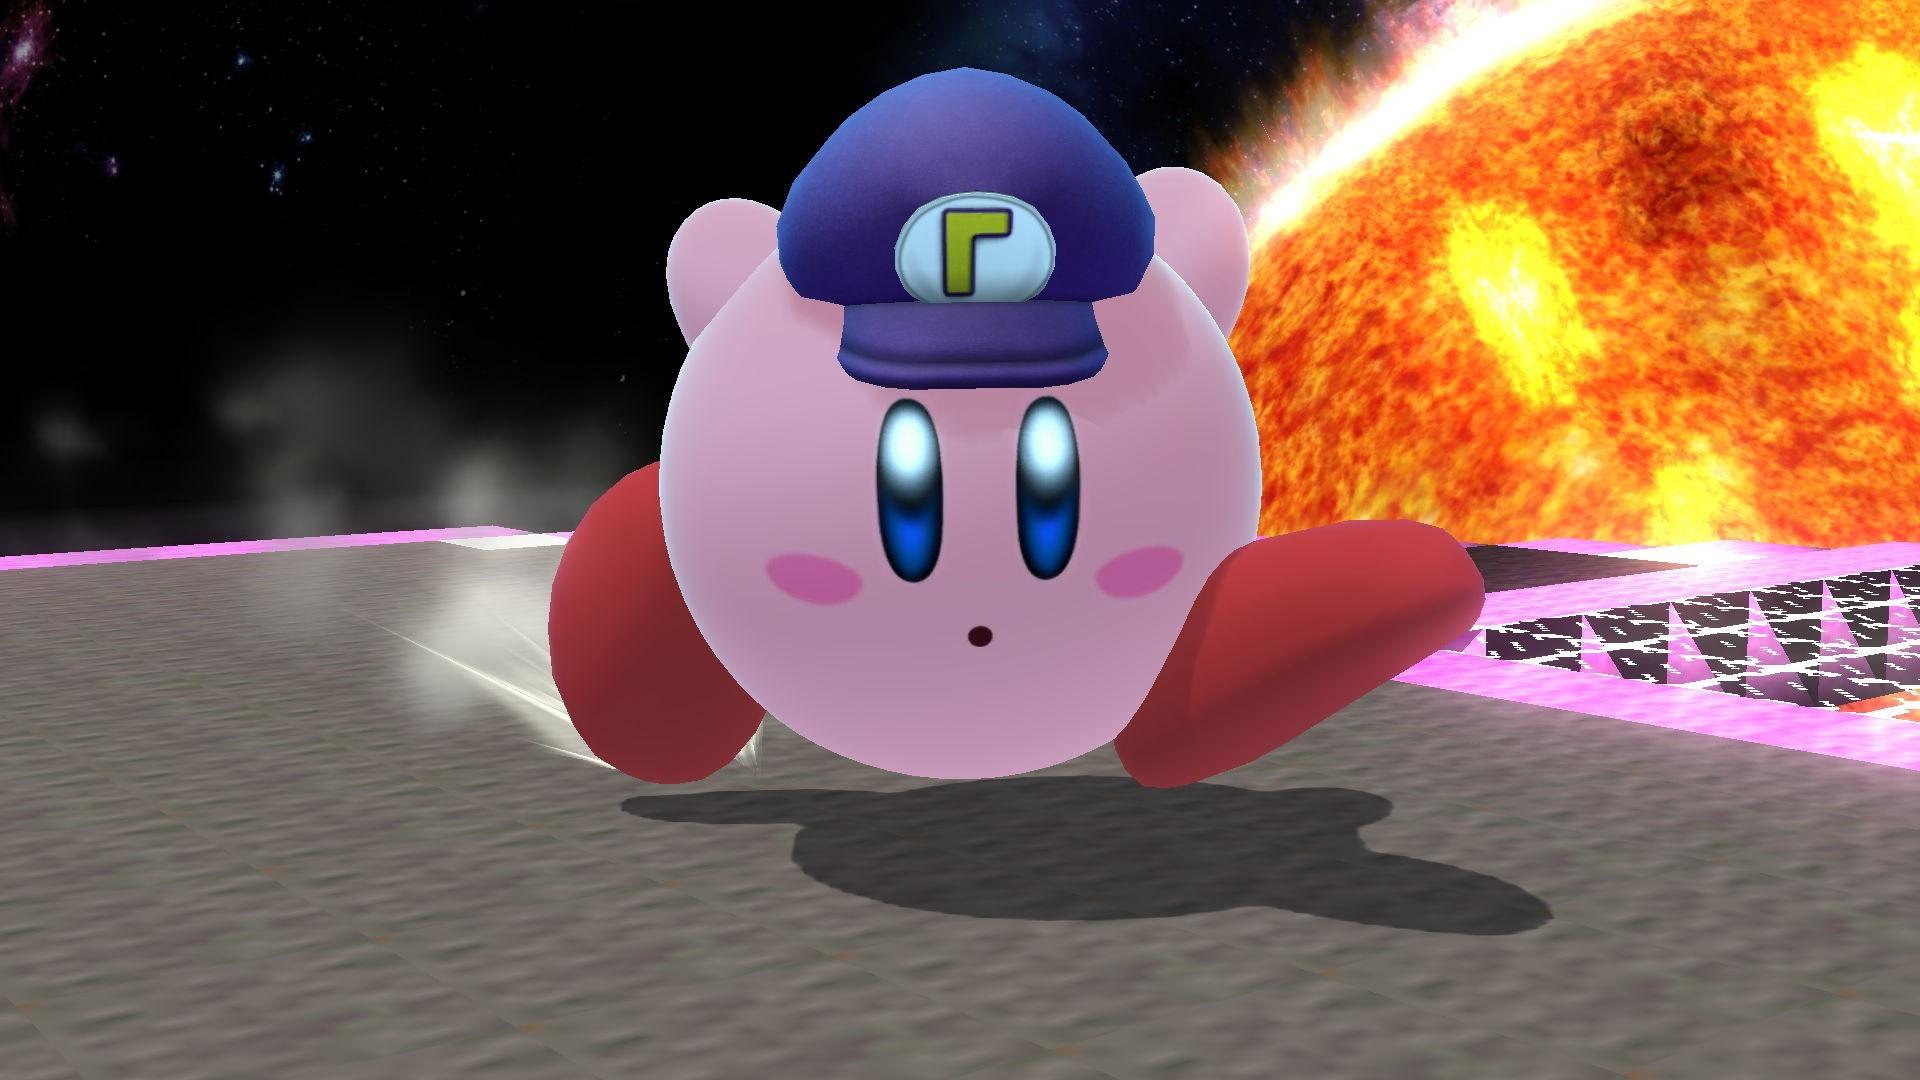 Waluigi Kirby Waluigi Kirby Waluigi Kirby Waluigi Kirby …